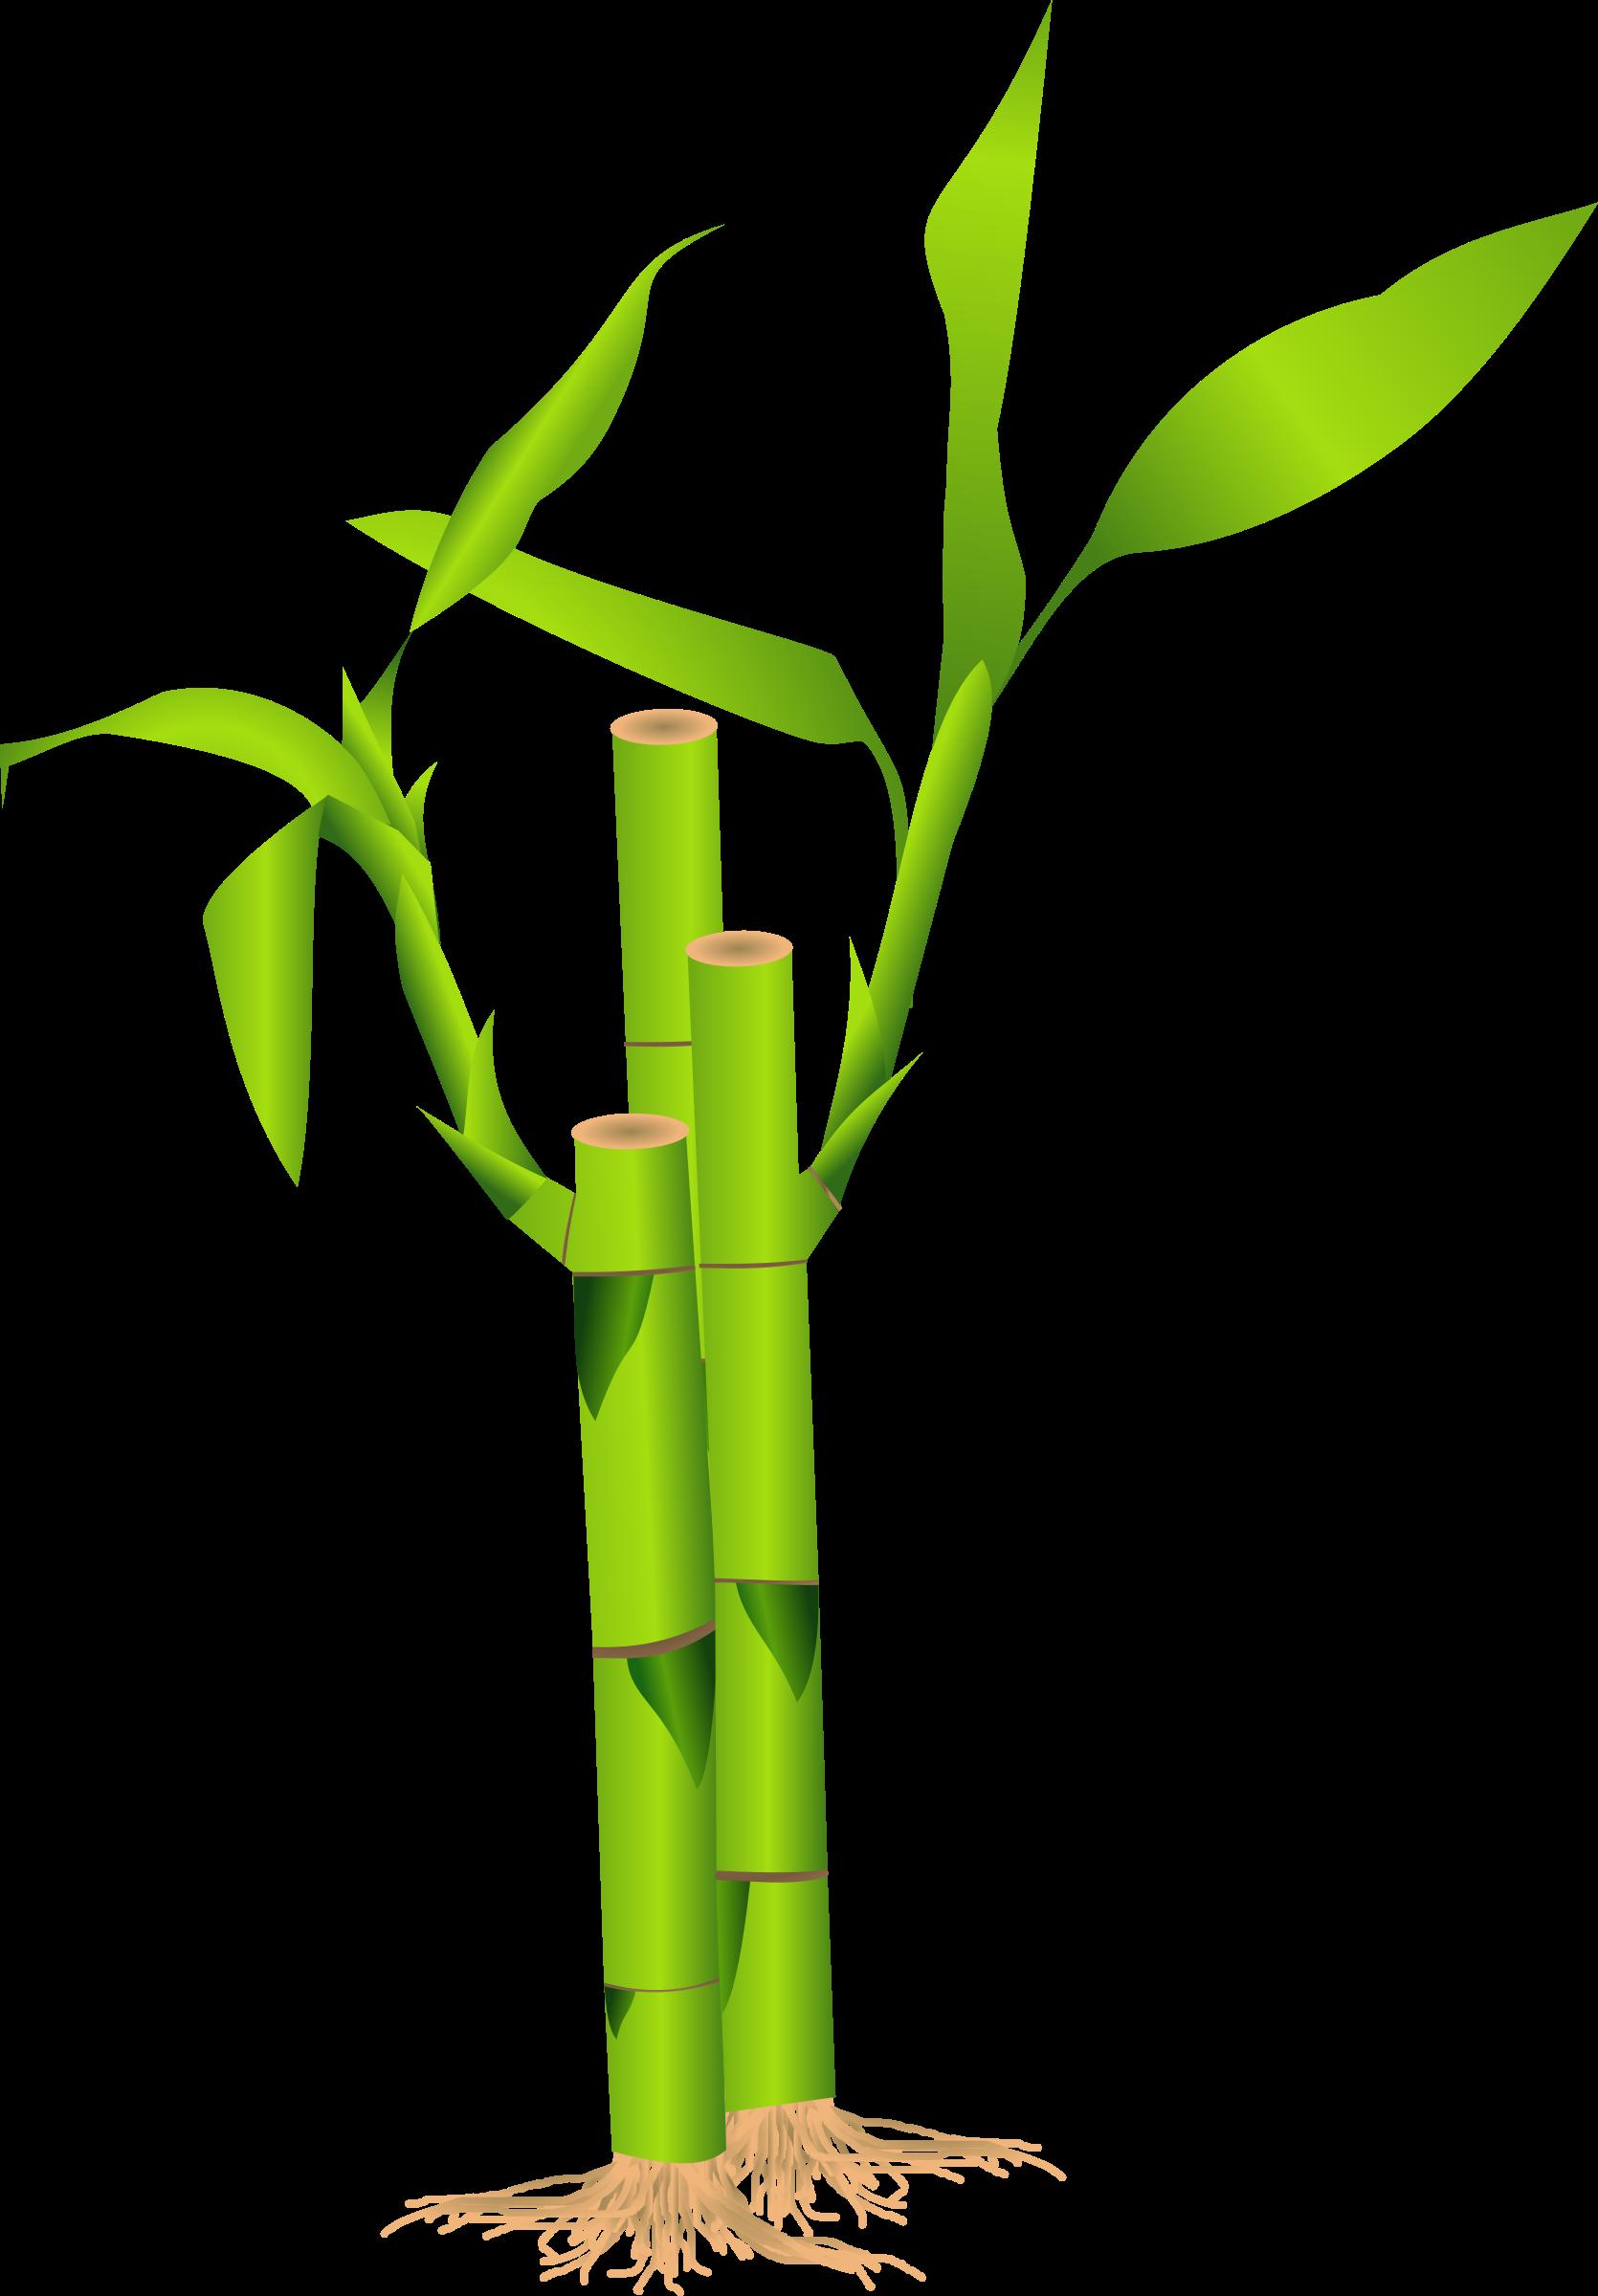 Bamboo tree clipart stock Bamboo Clipart stock